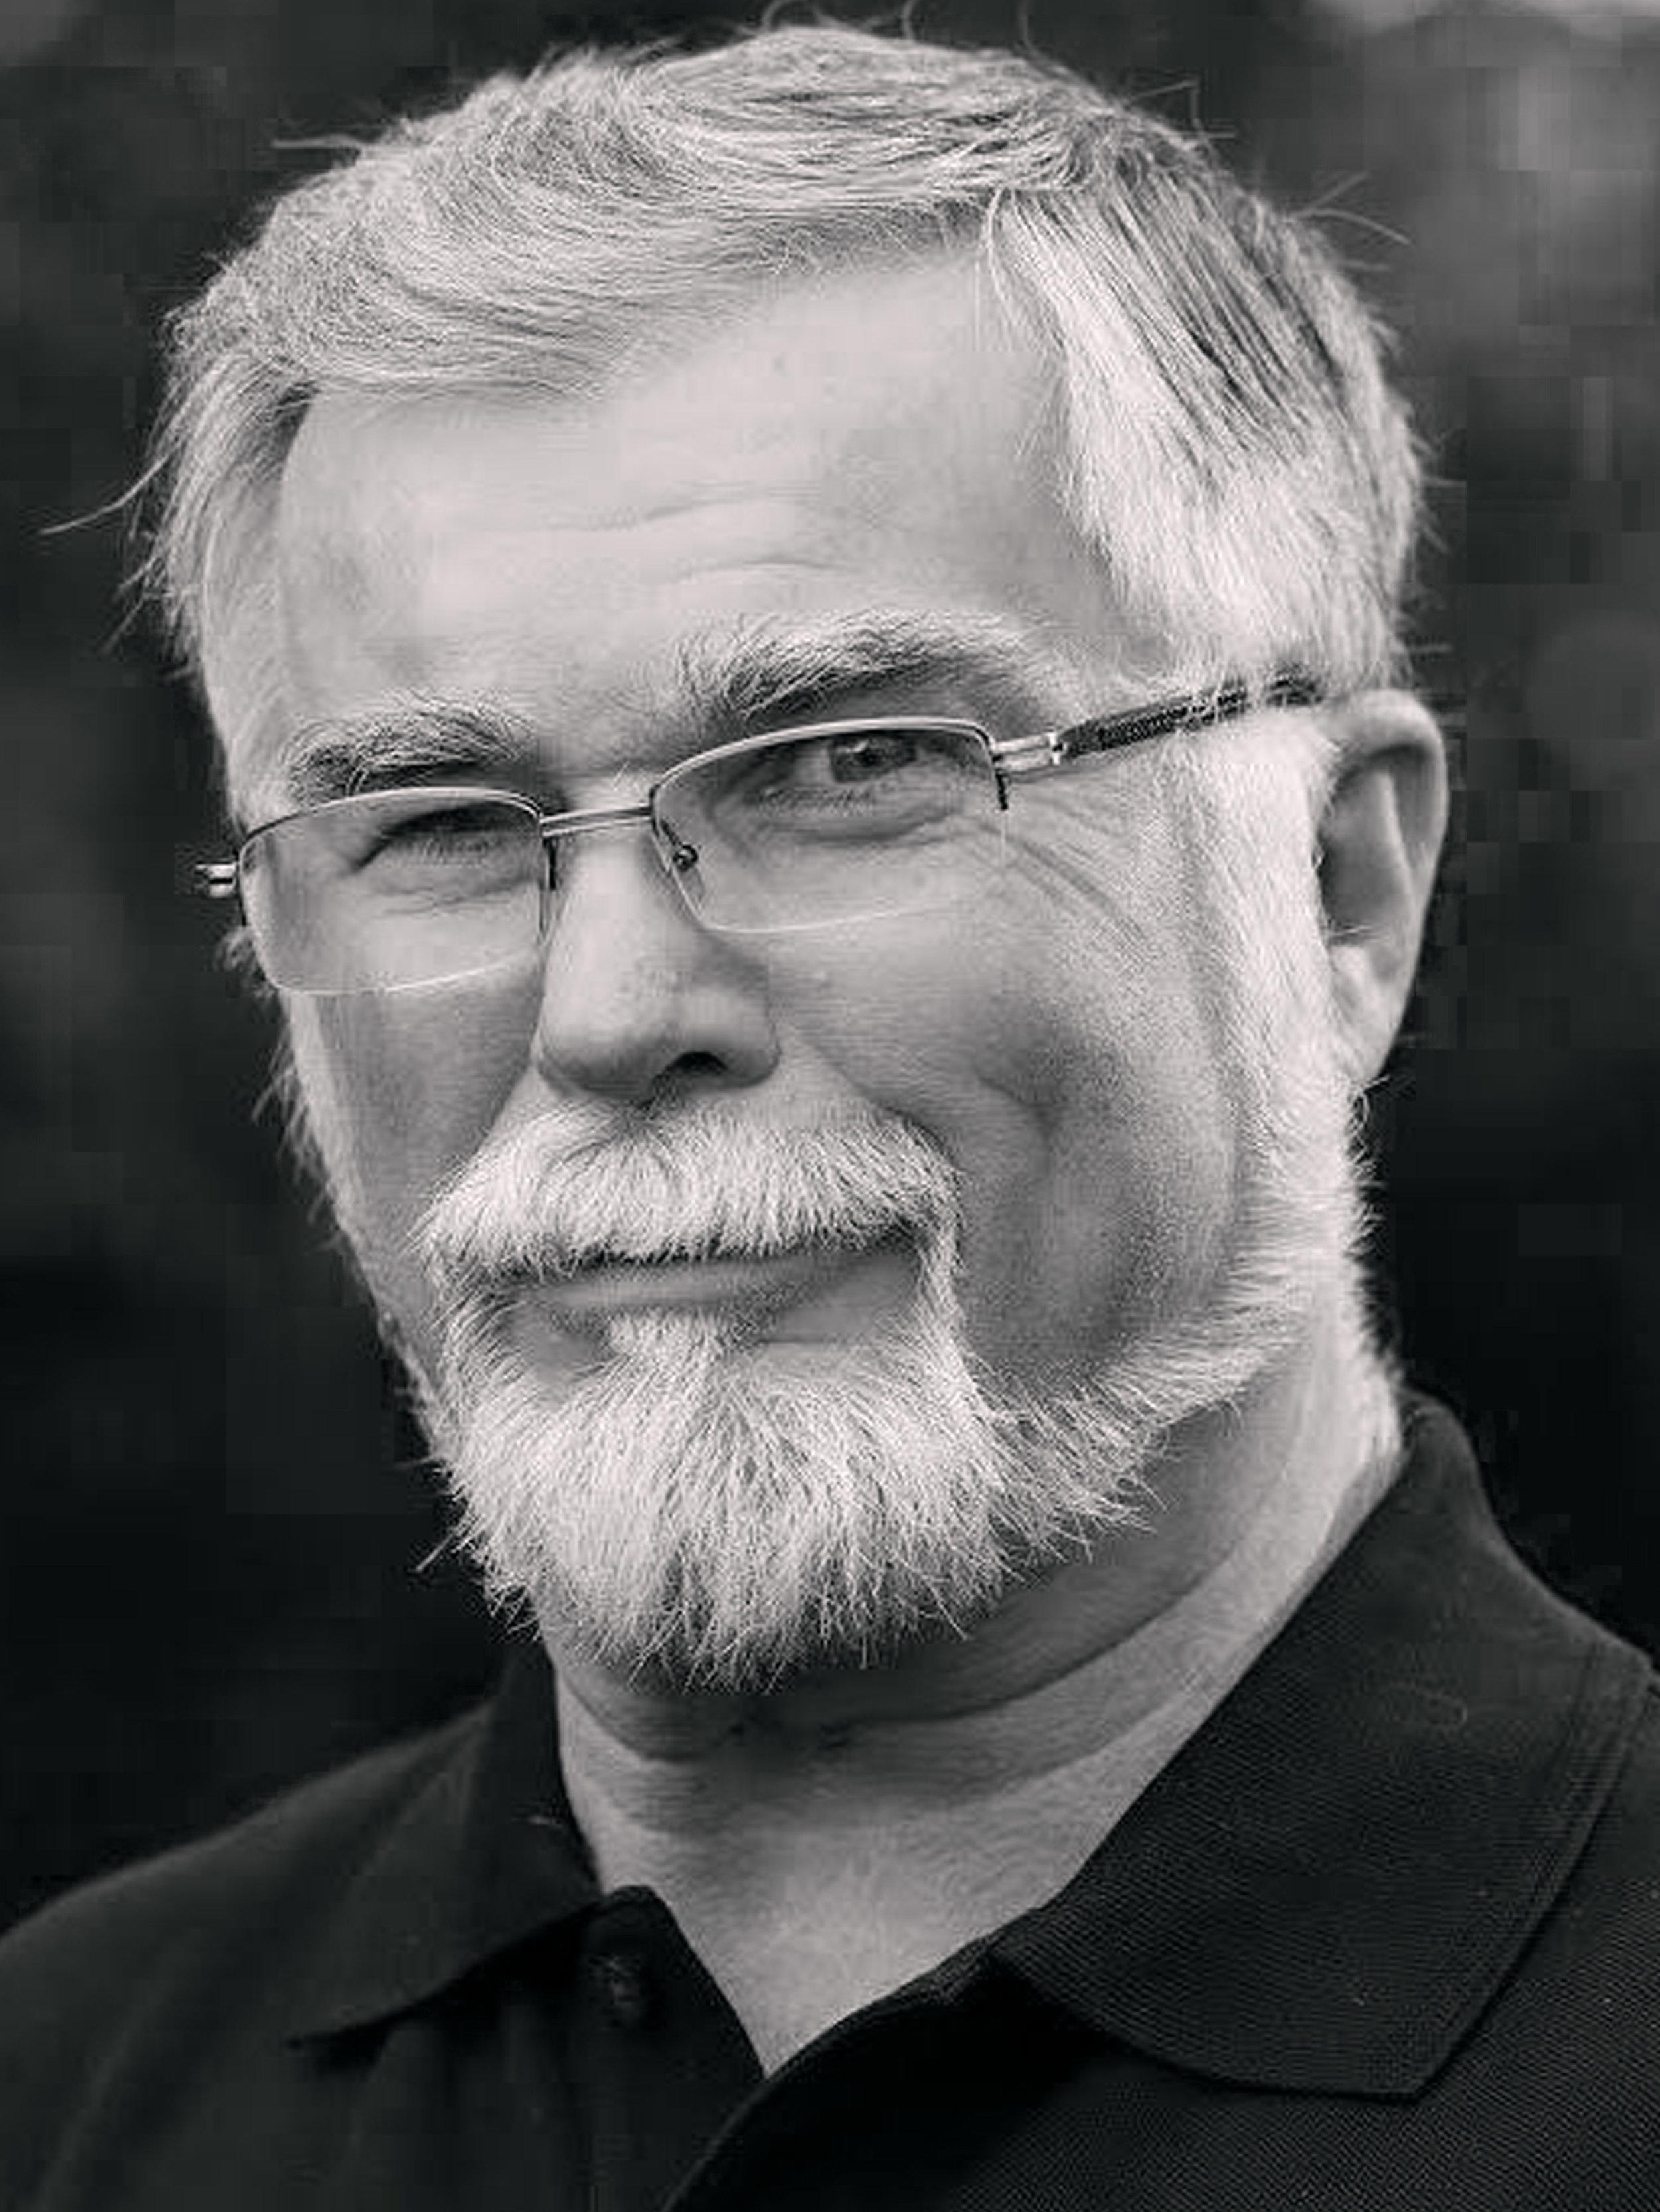 August Byllott - Founder